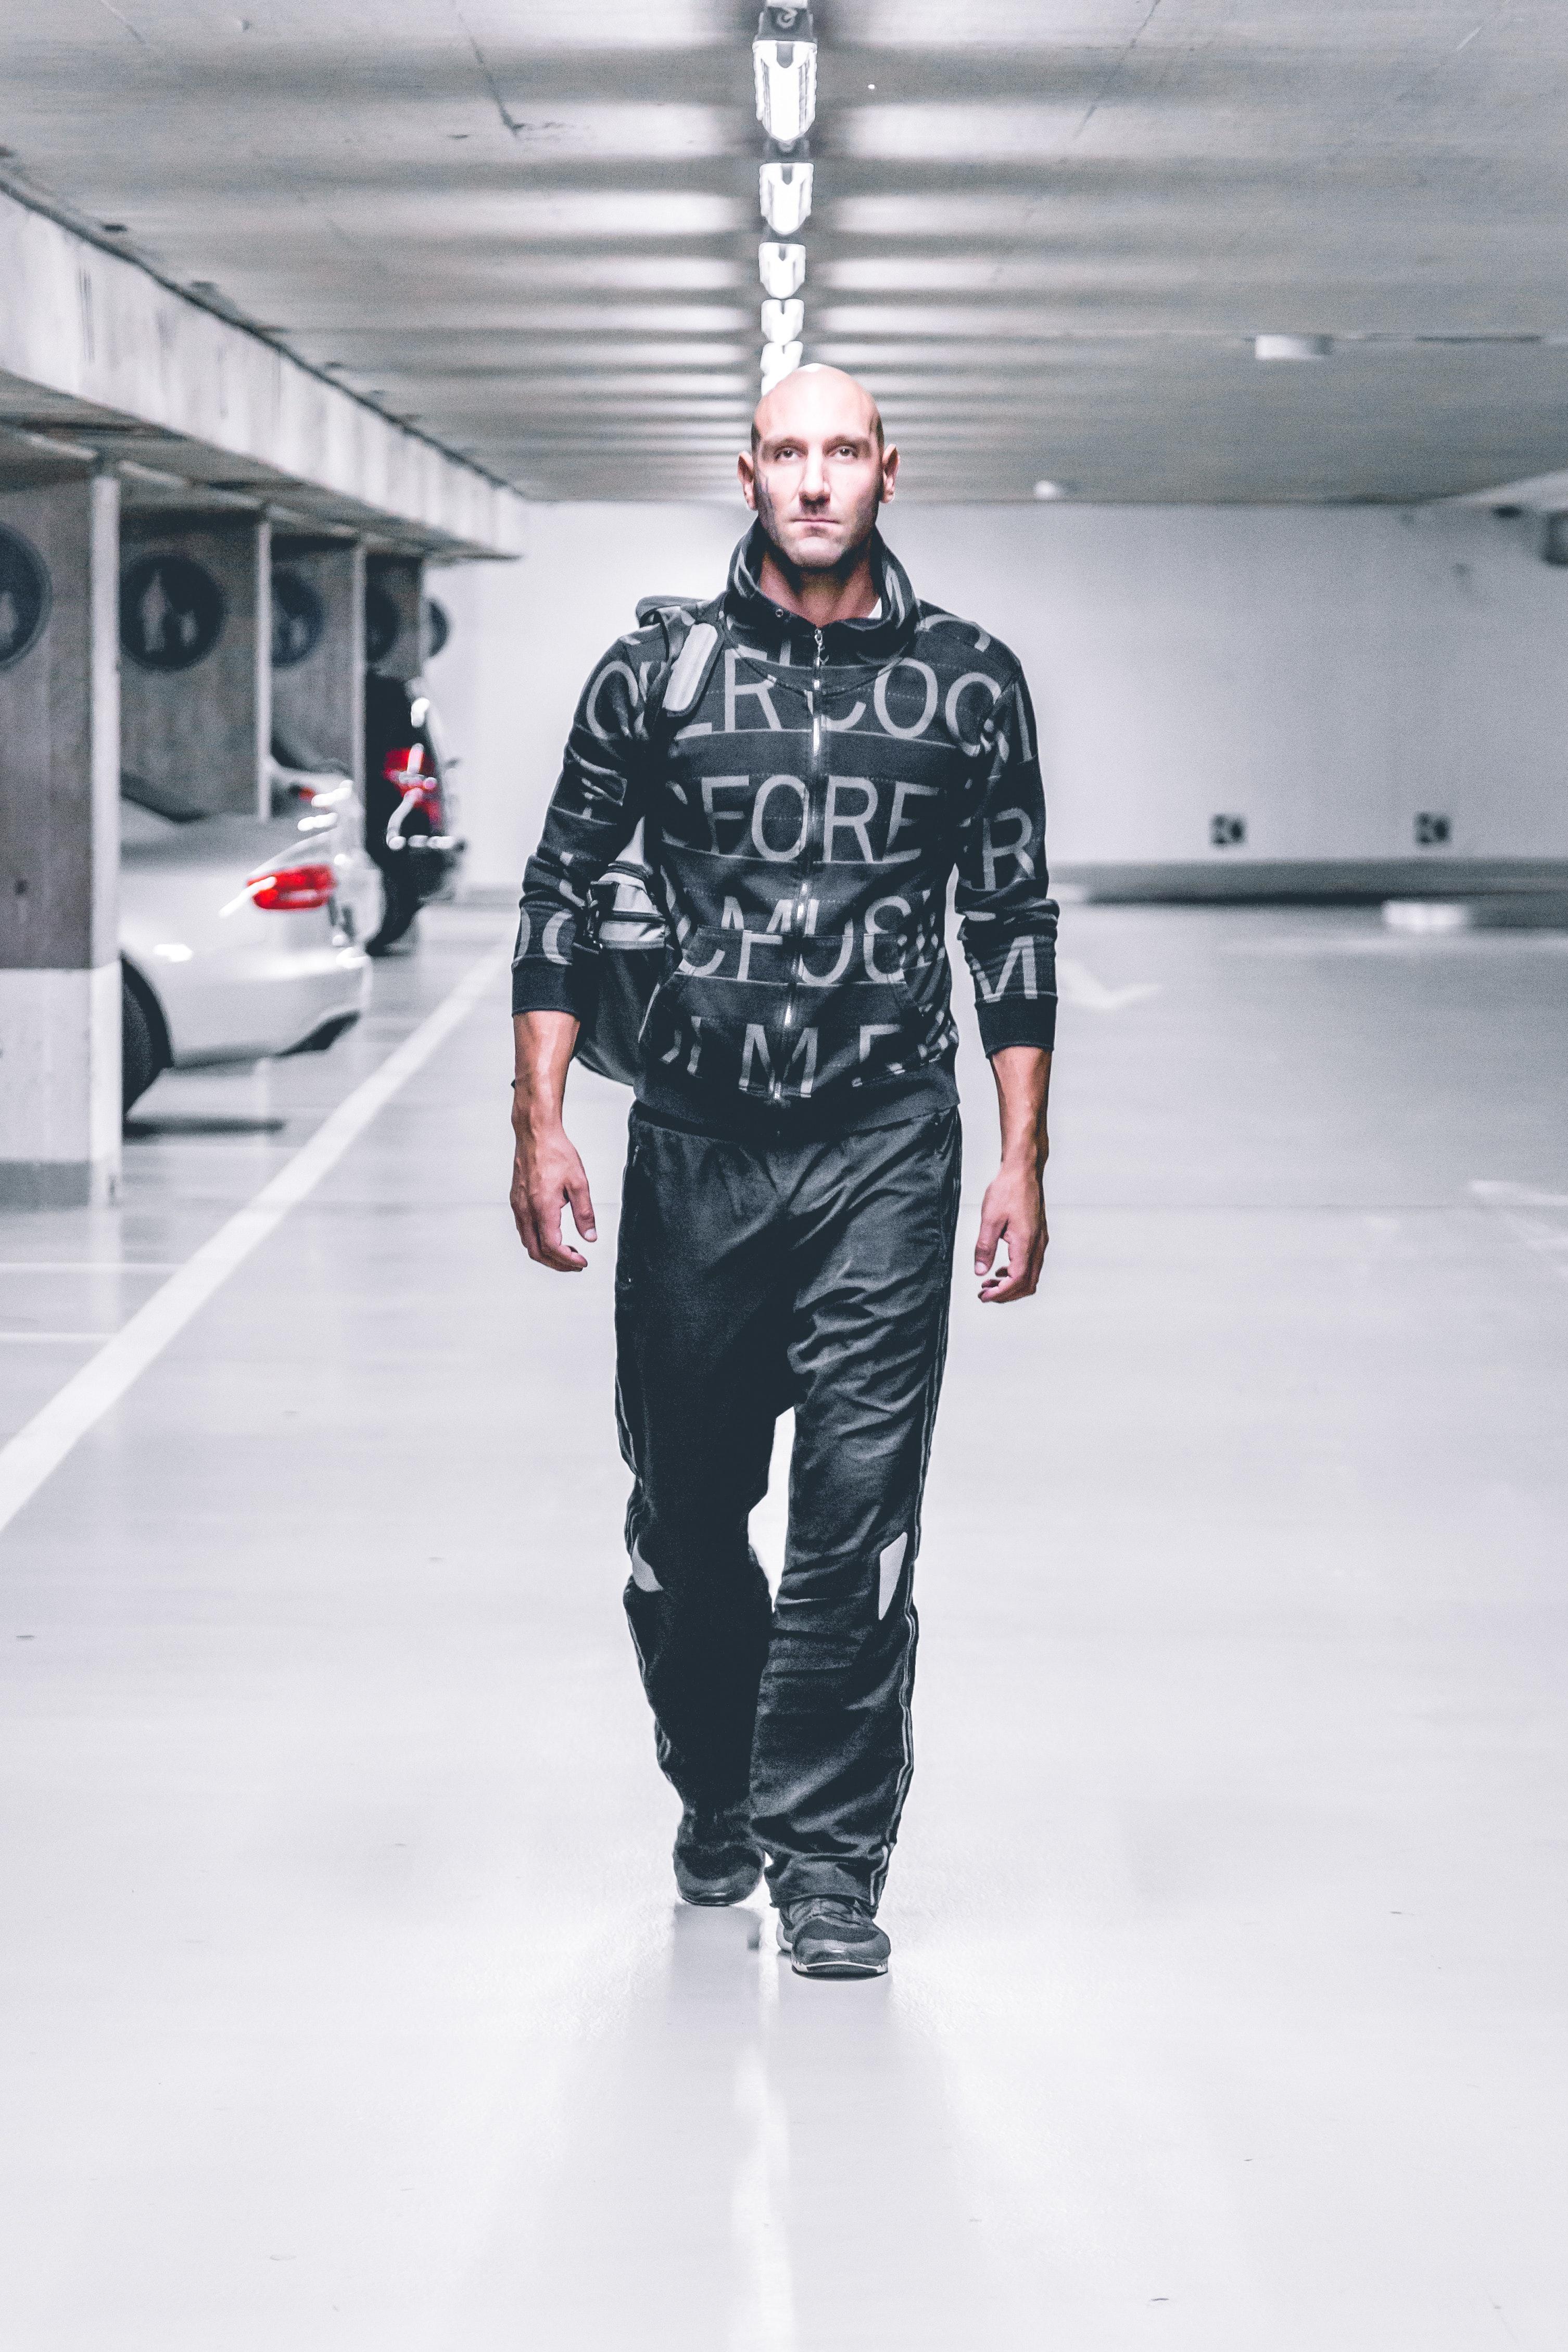 adulto Calvo ragazzo automobili moda alla moda tipo mani bello giacca luci  maschio uomo modello pantaloni f879a015ec2